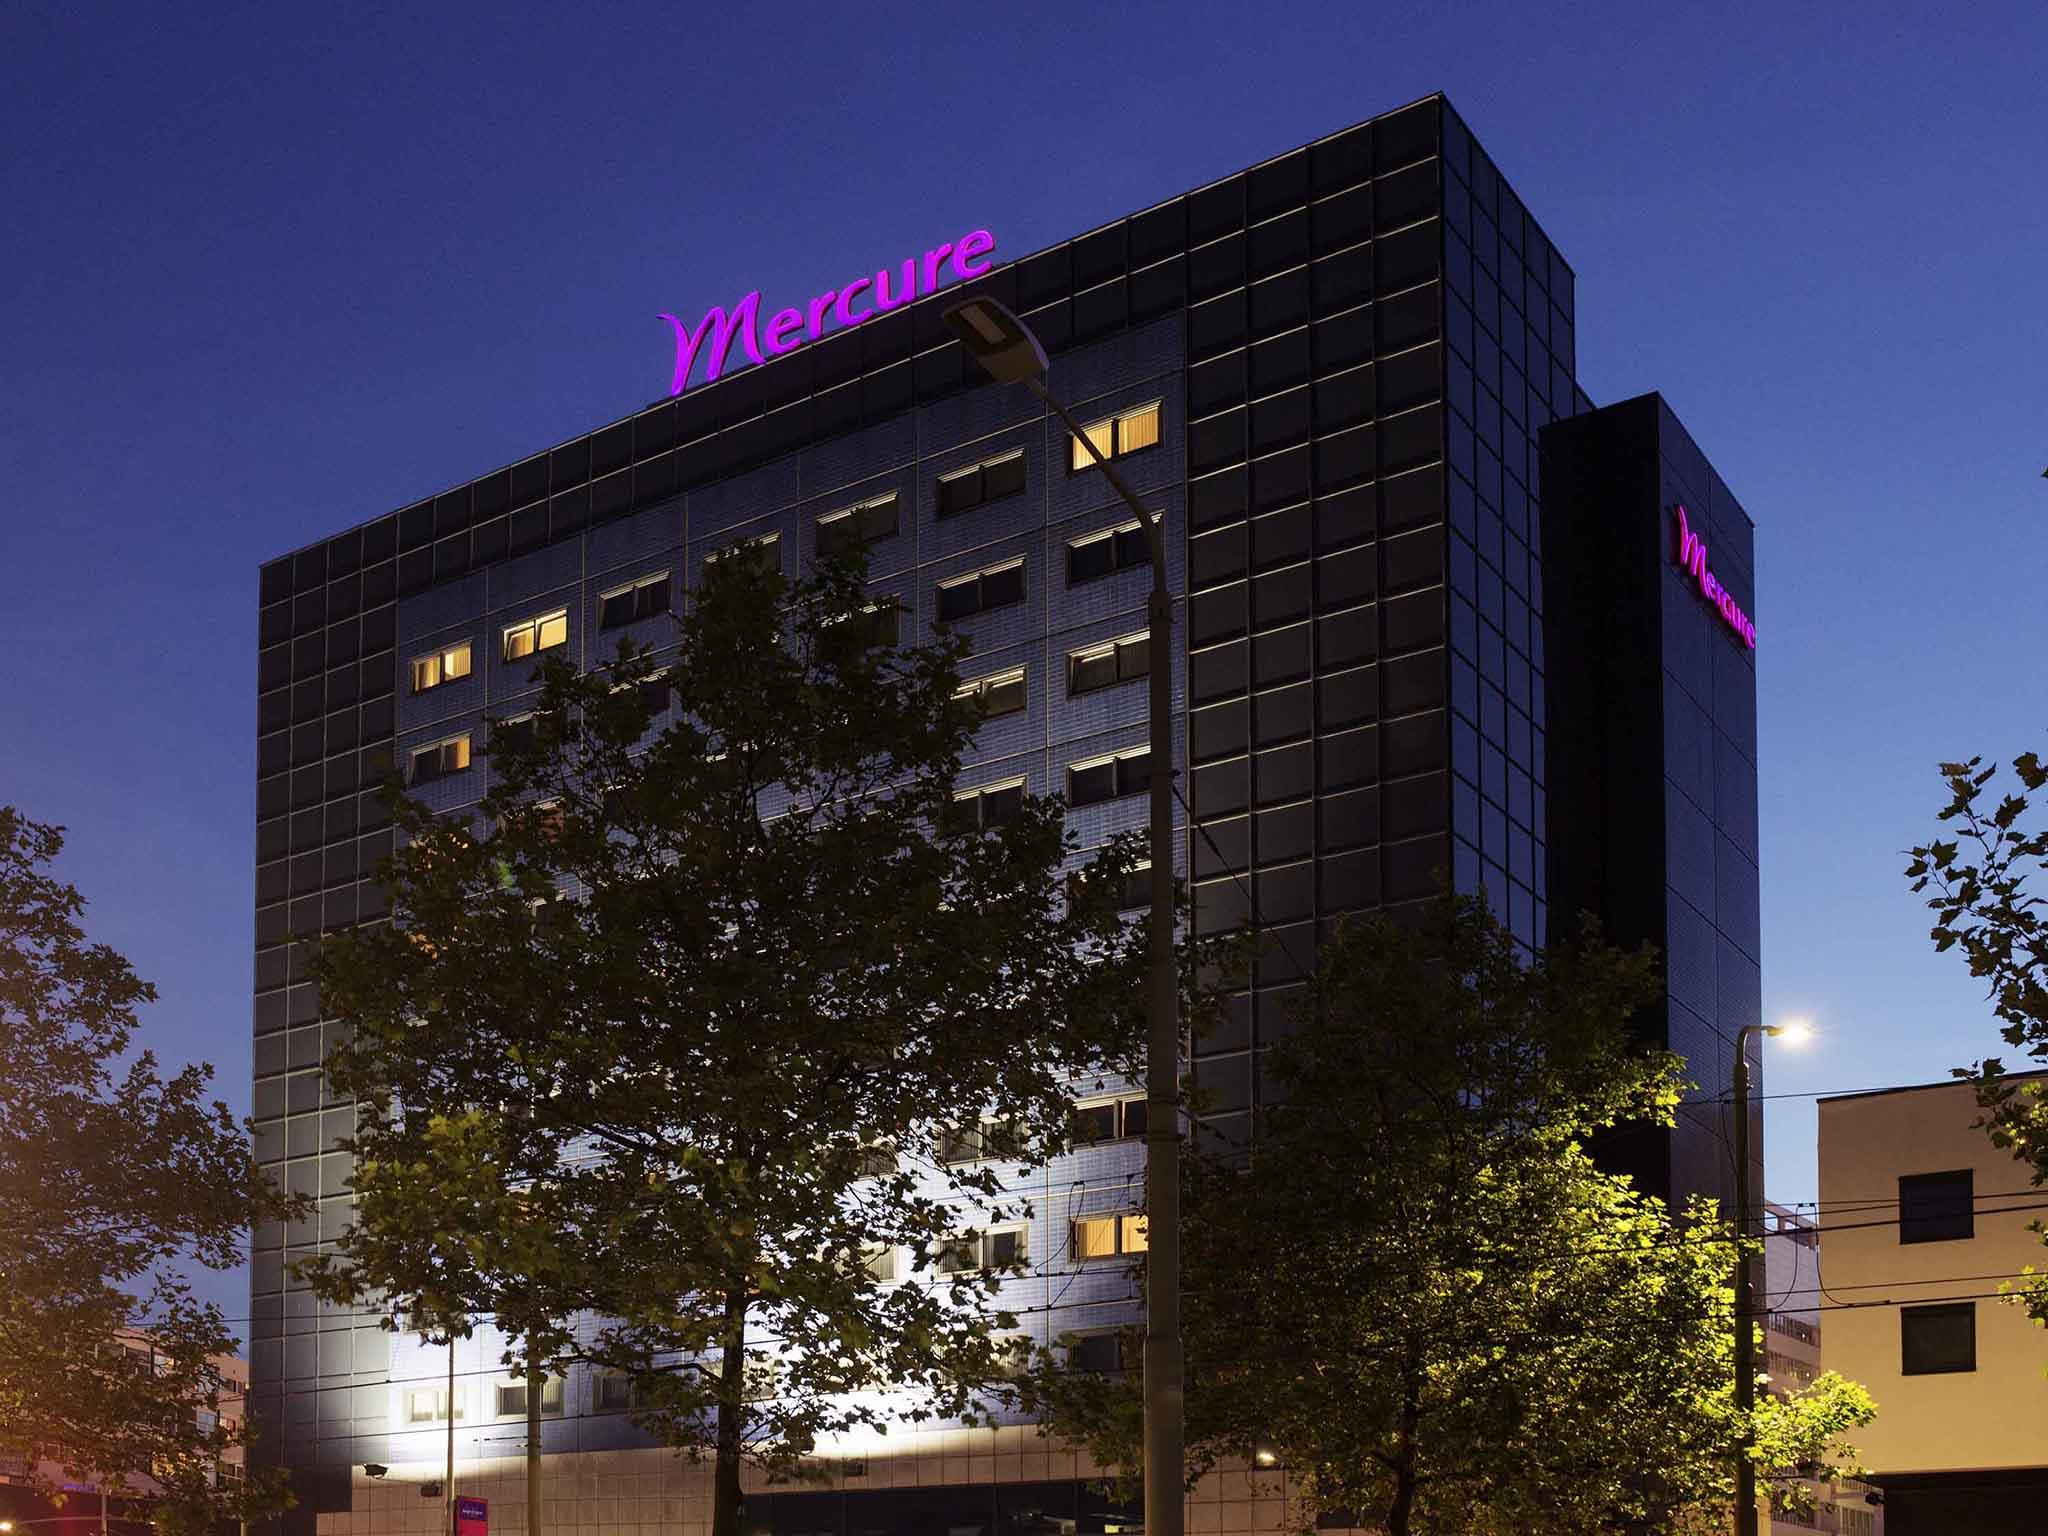 โรงแรม – โรงแรมเมอร์เคียว เดน ฮาก ซิตี้ เซ็นทรัล